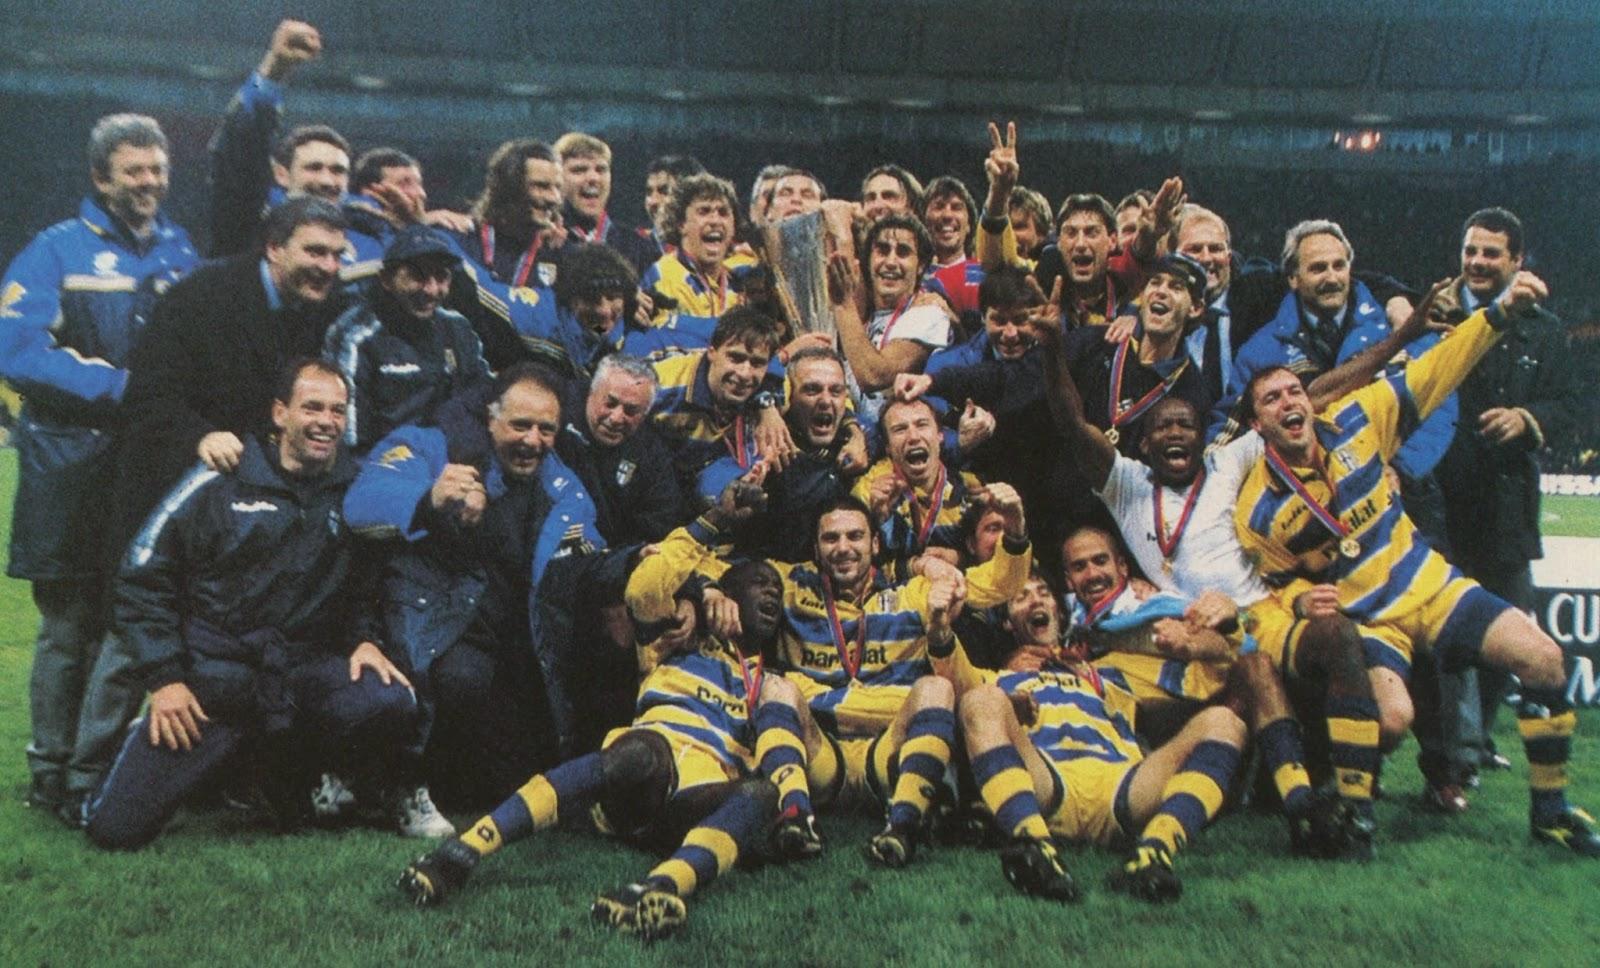 кубок уефа 1993-1994 г казино-карлсруэ составы команд